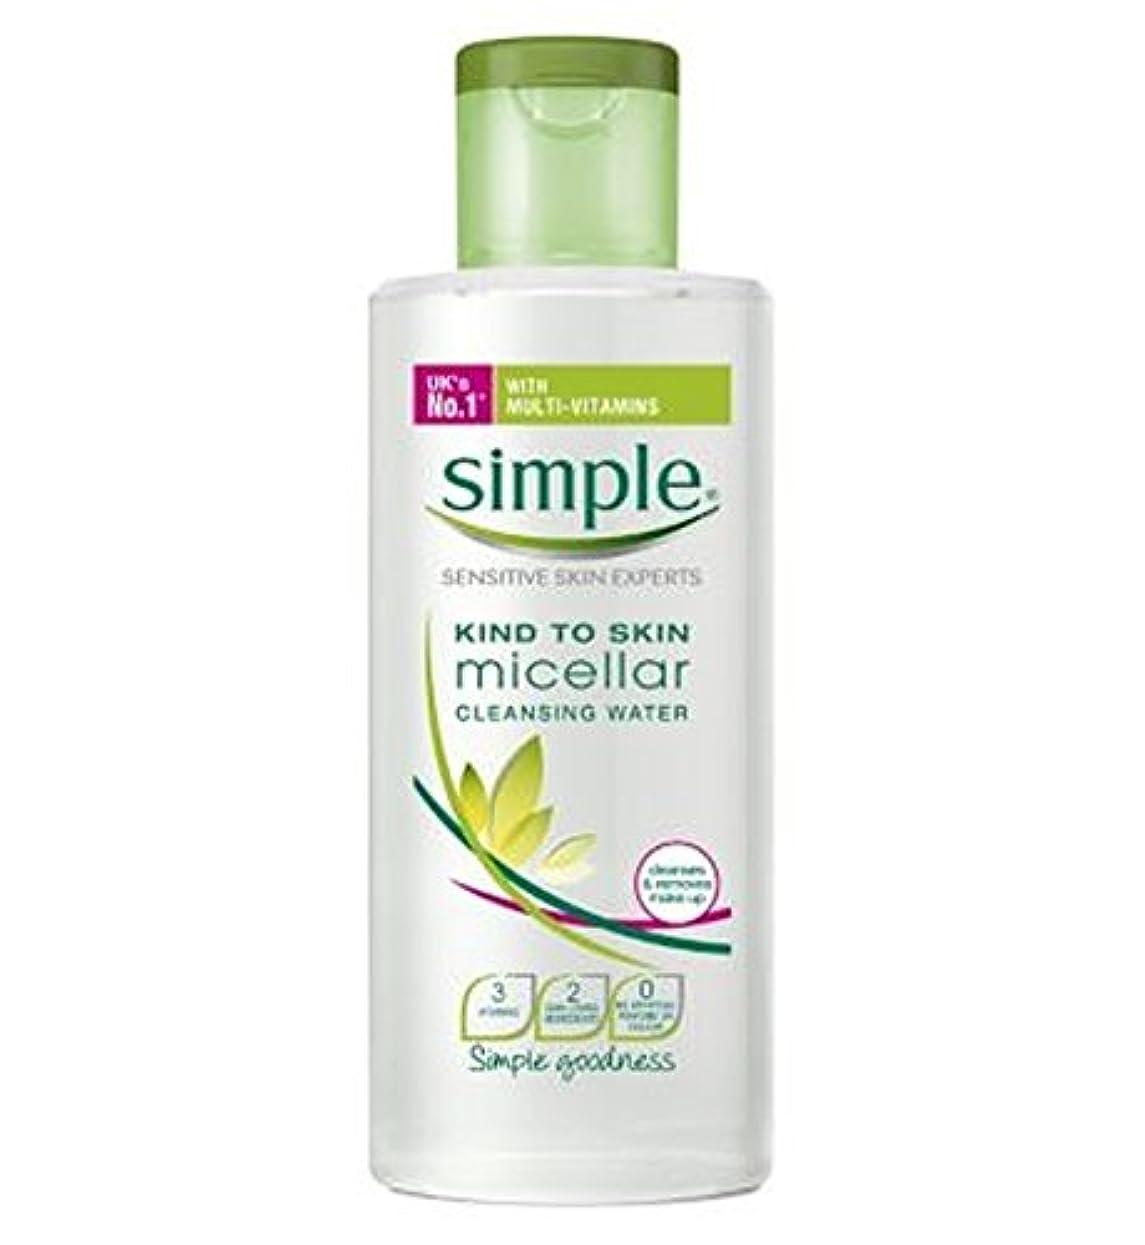 構想するなめらかものSimple Kind To Skin Micellar Cleansing Water 200ml - 皮膚ミセル洗浄水200ミリリットルに簡単な種類 (Simple) [並行輸入品]